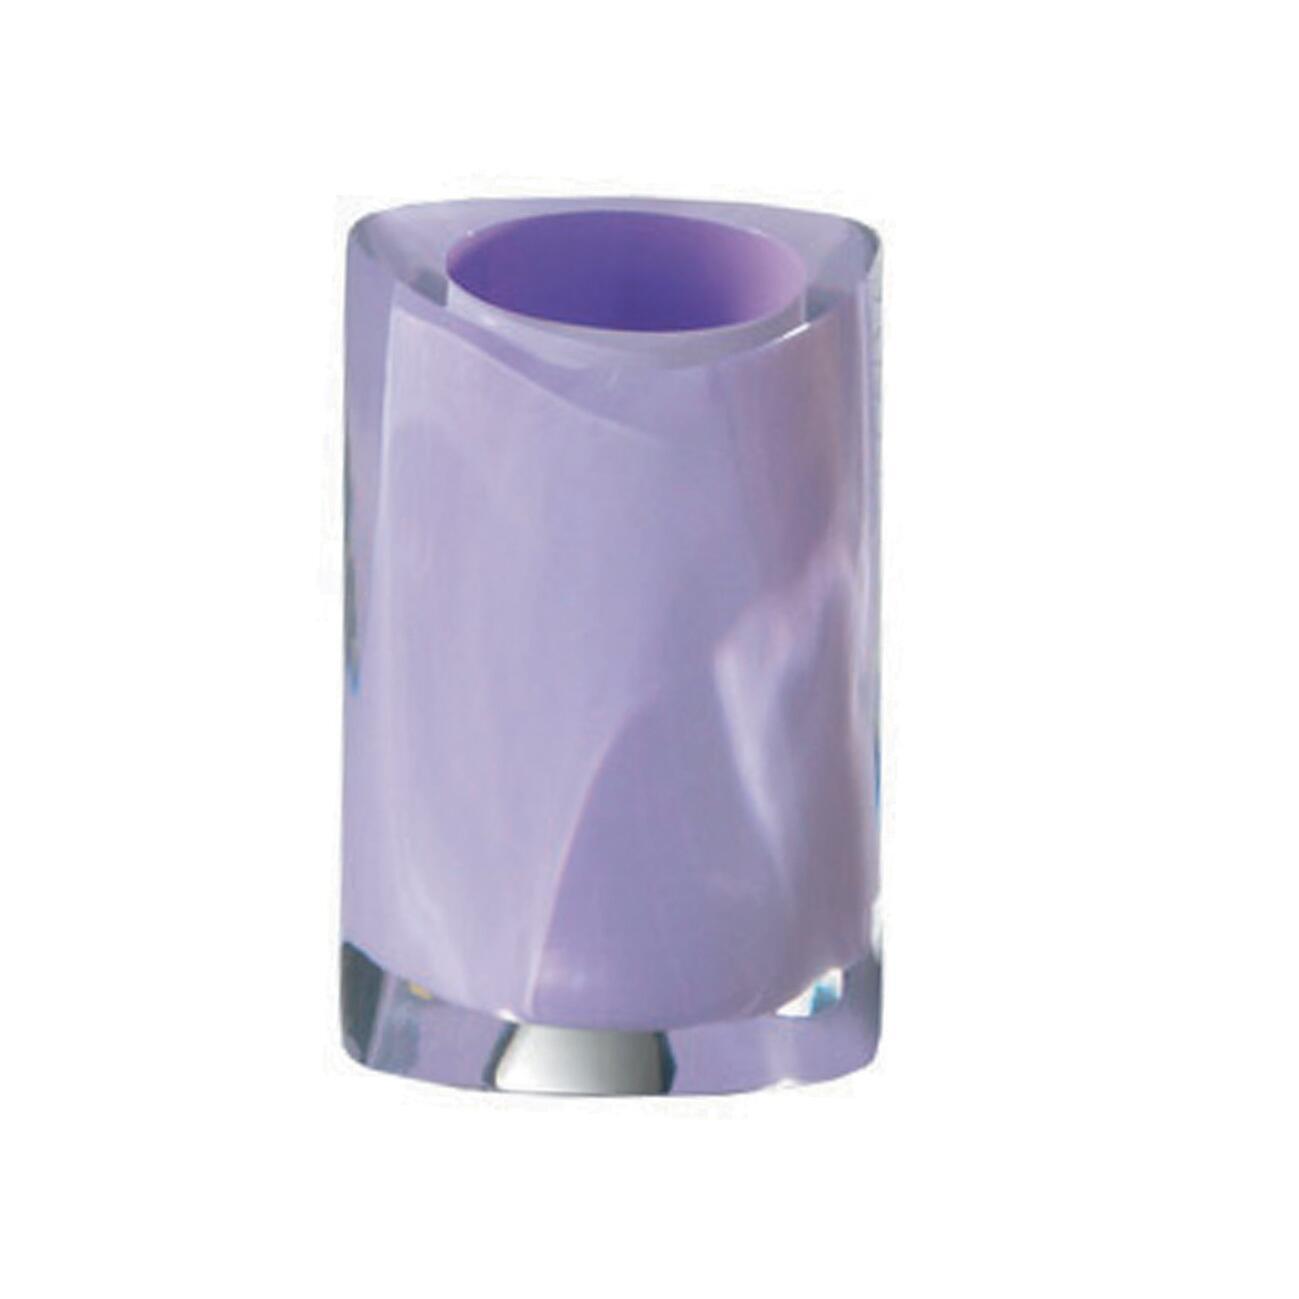 Bicchiere porta spazzolini Twist in resina lilla